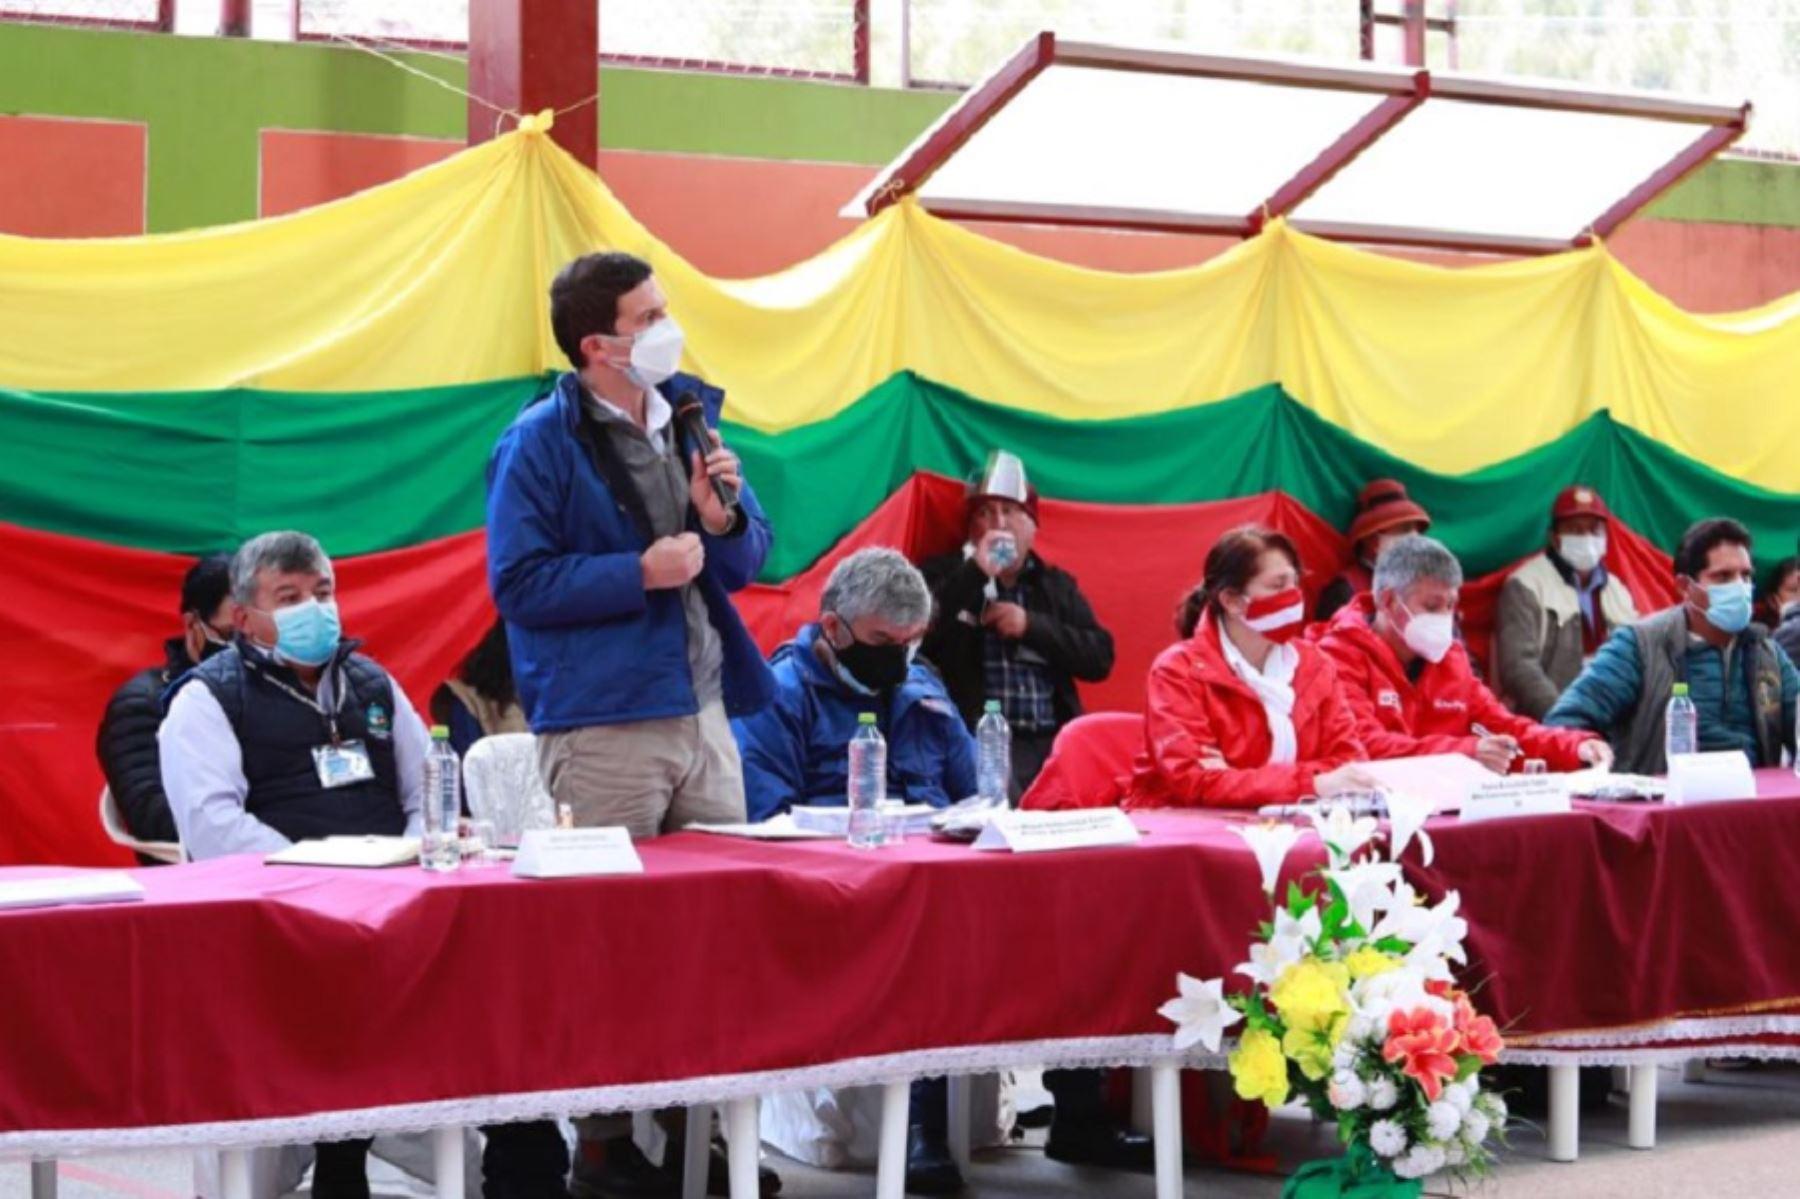 El ministro de Energía y Minas, Miguel Incháustegui, encabeza mesa de diálogo en el distrito de Tambobamba, capital de la provincia de Cotabambas, en la región Apurímac. Foto: Minem